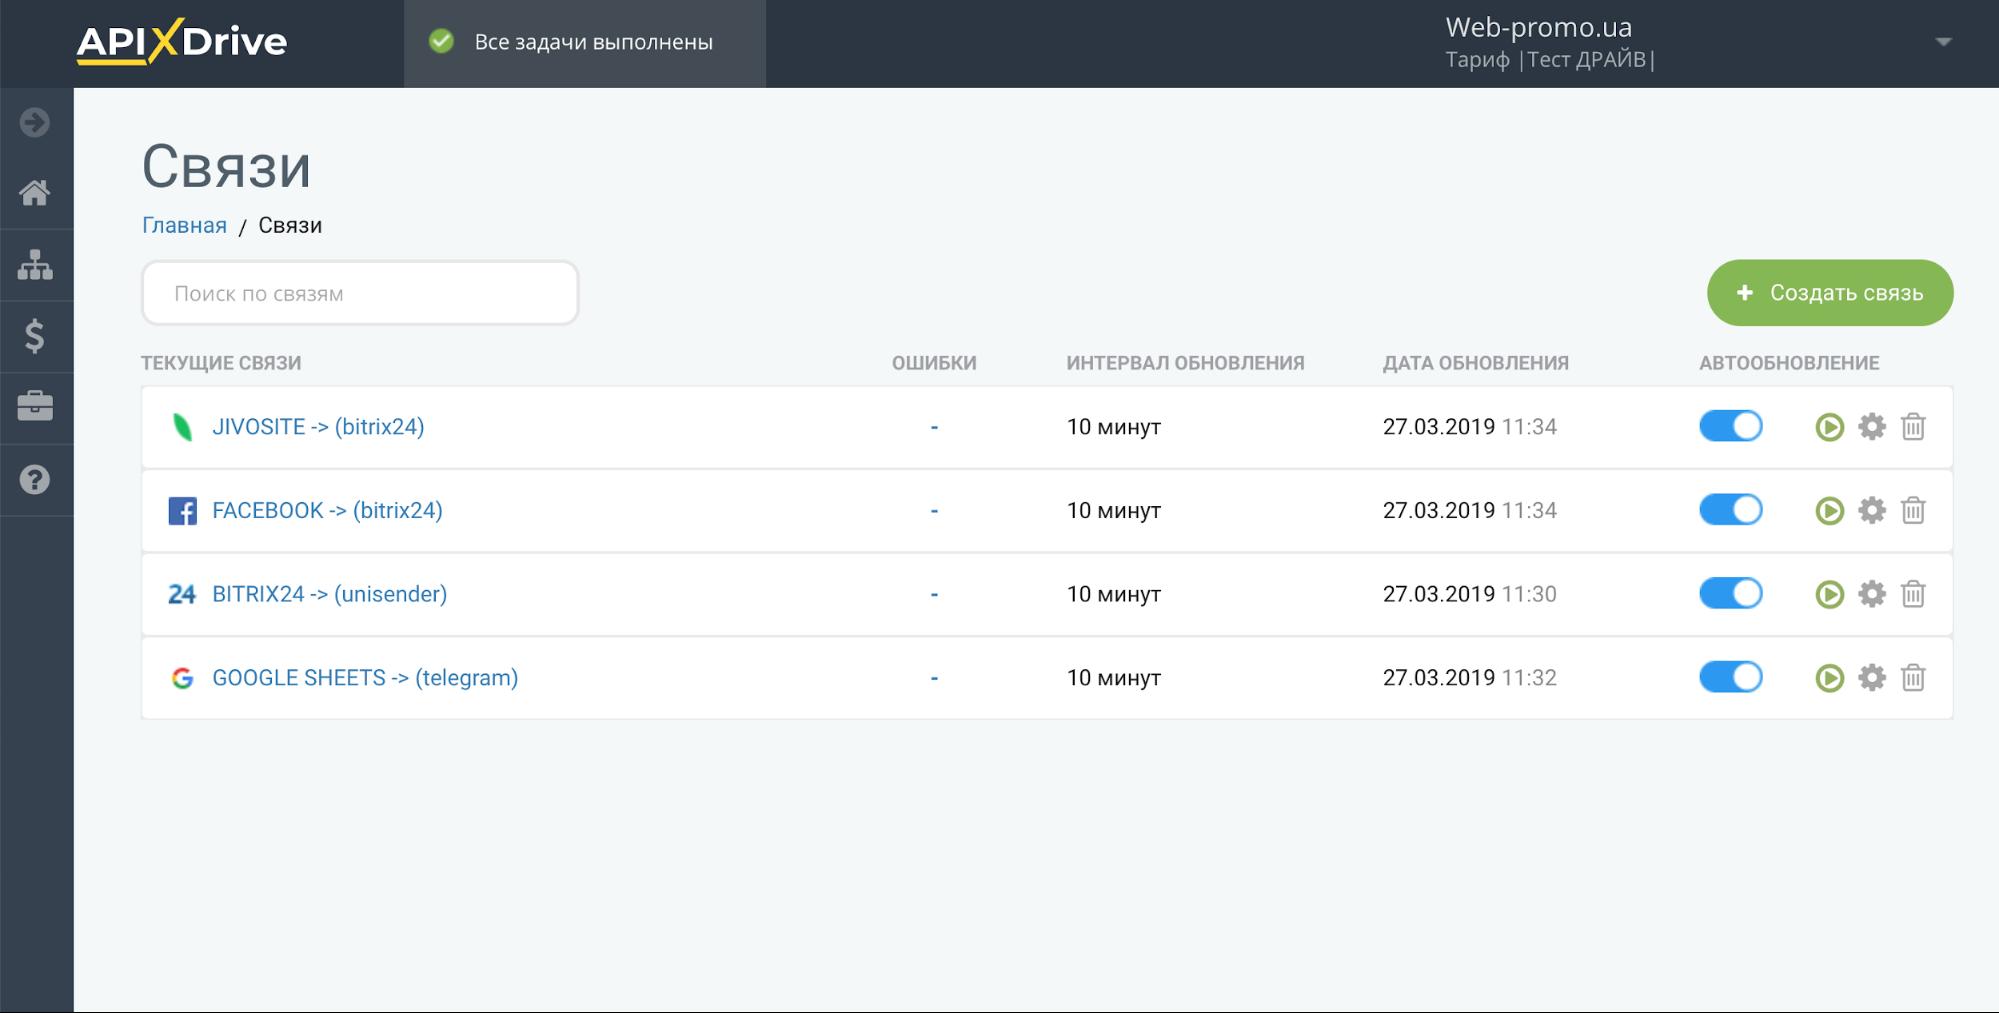 ApiX-Drive: обзор первого в Украине онлайн-конструктора интеграций